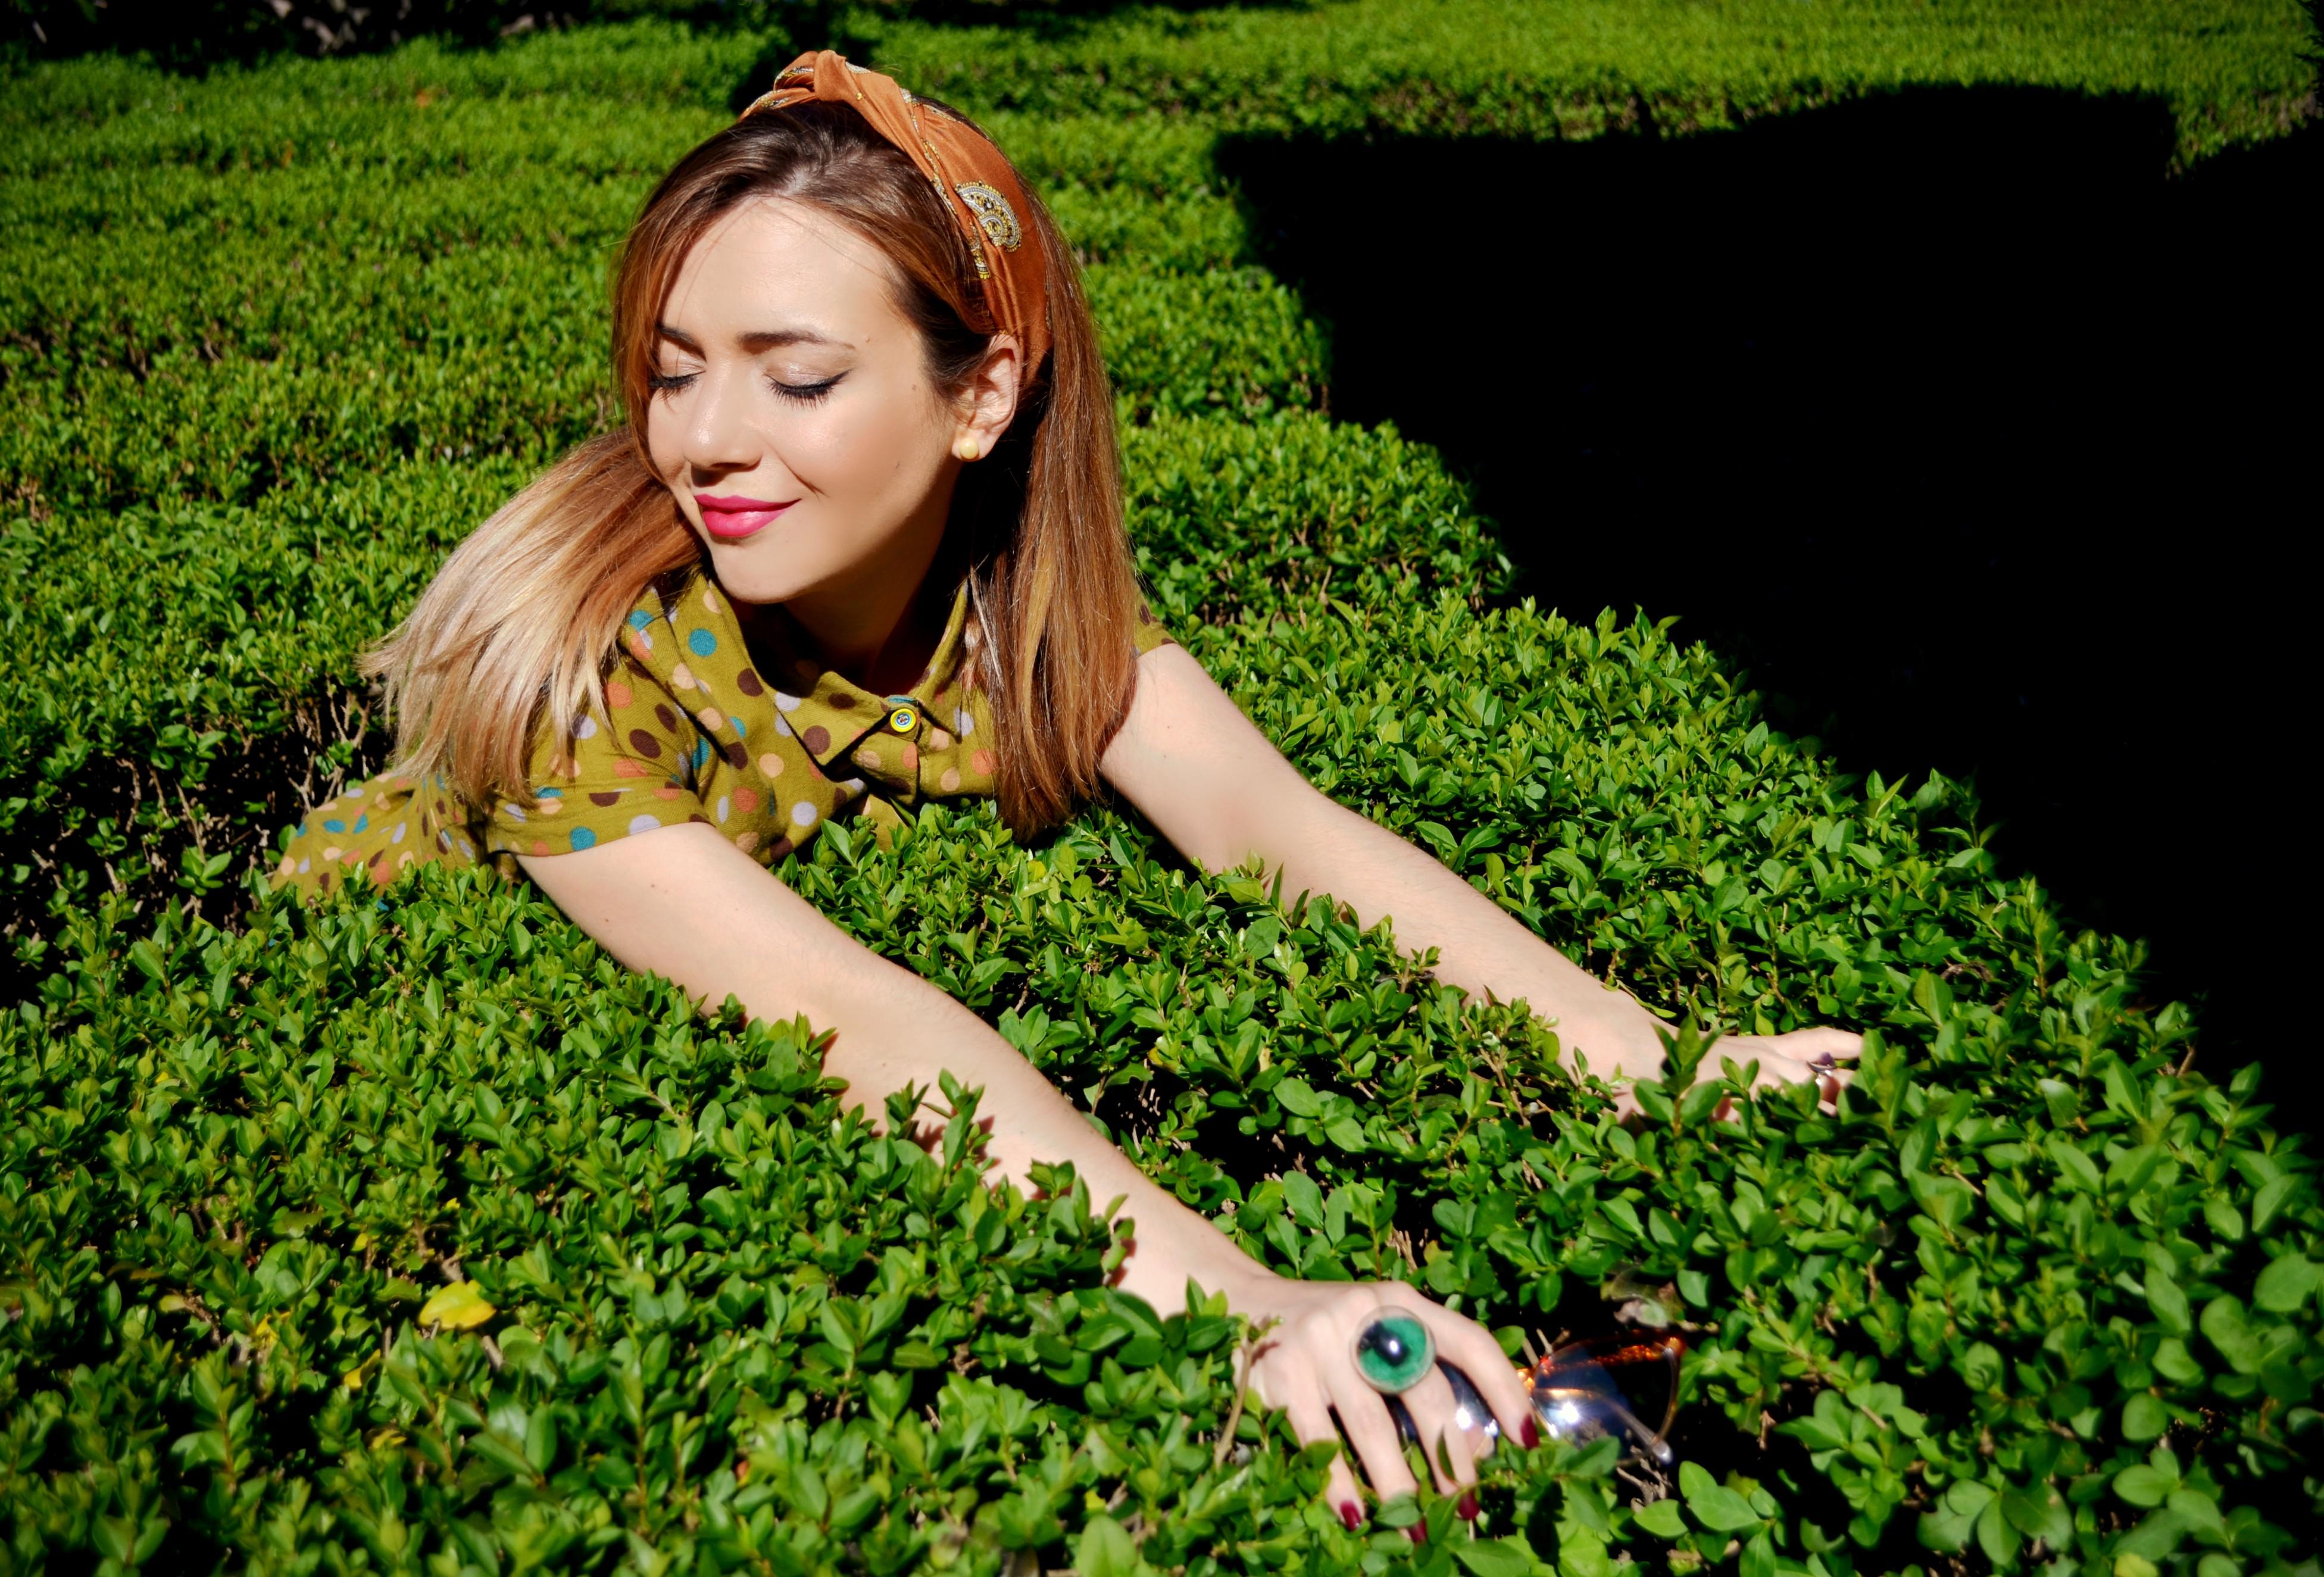 ChicAdicta-fashionista-influencer-Chic-Adicta-blog-de-moda-vestido-de-lunares-kling-ideas-con-panuelos-PiensaenChic-Piensa-en-Chic